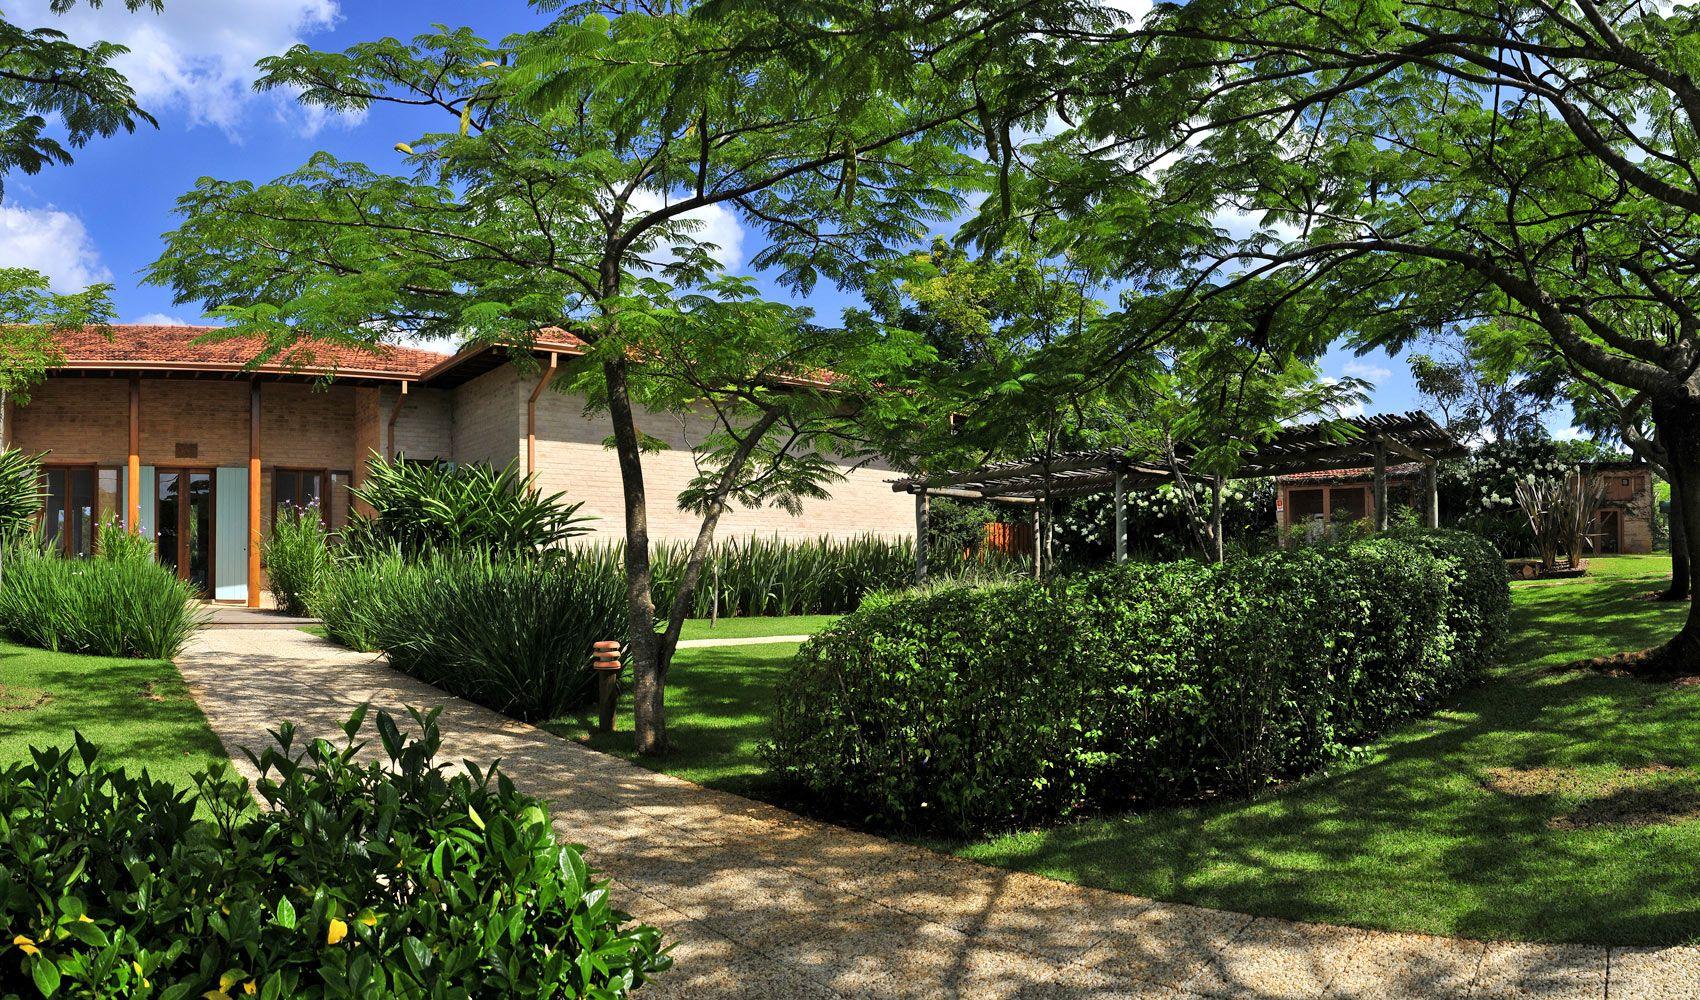 Dise o de exteriores jardines modernos y tropicales - Fotos de jardines de casas ...